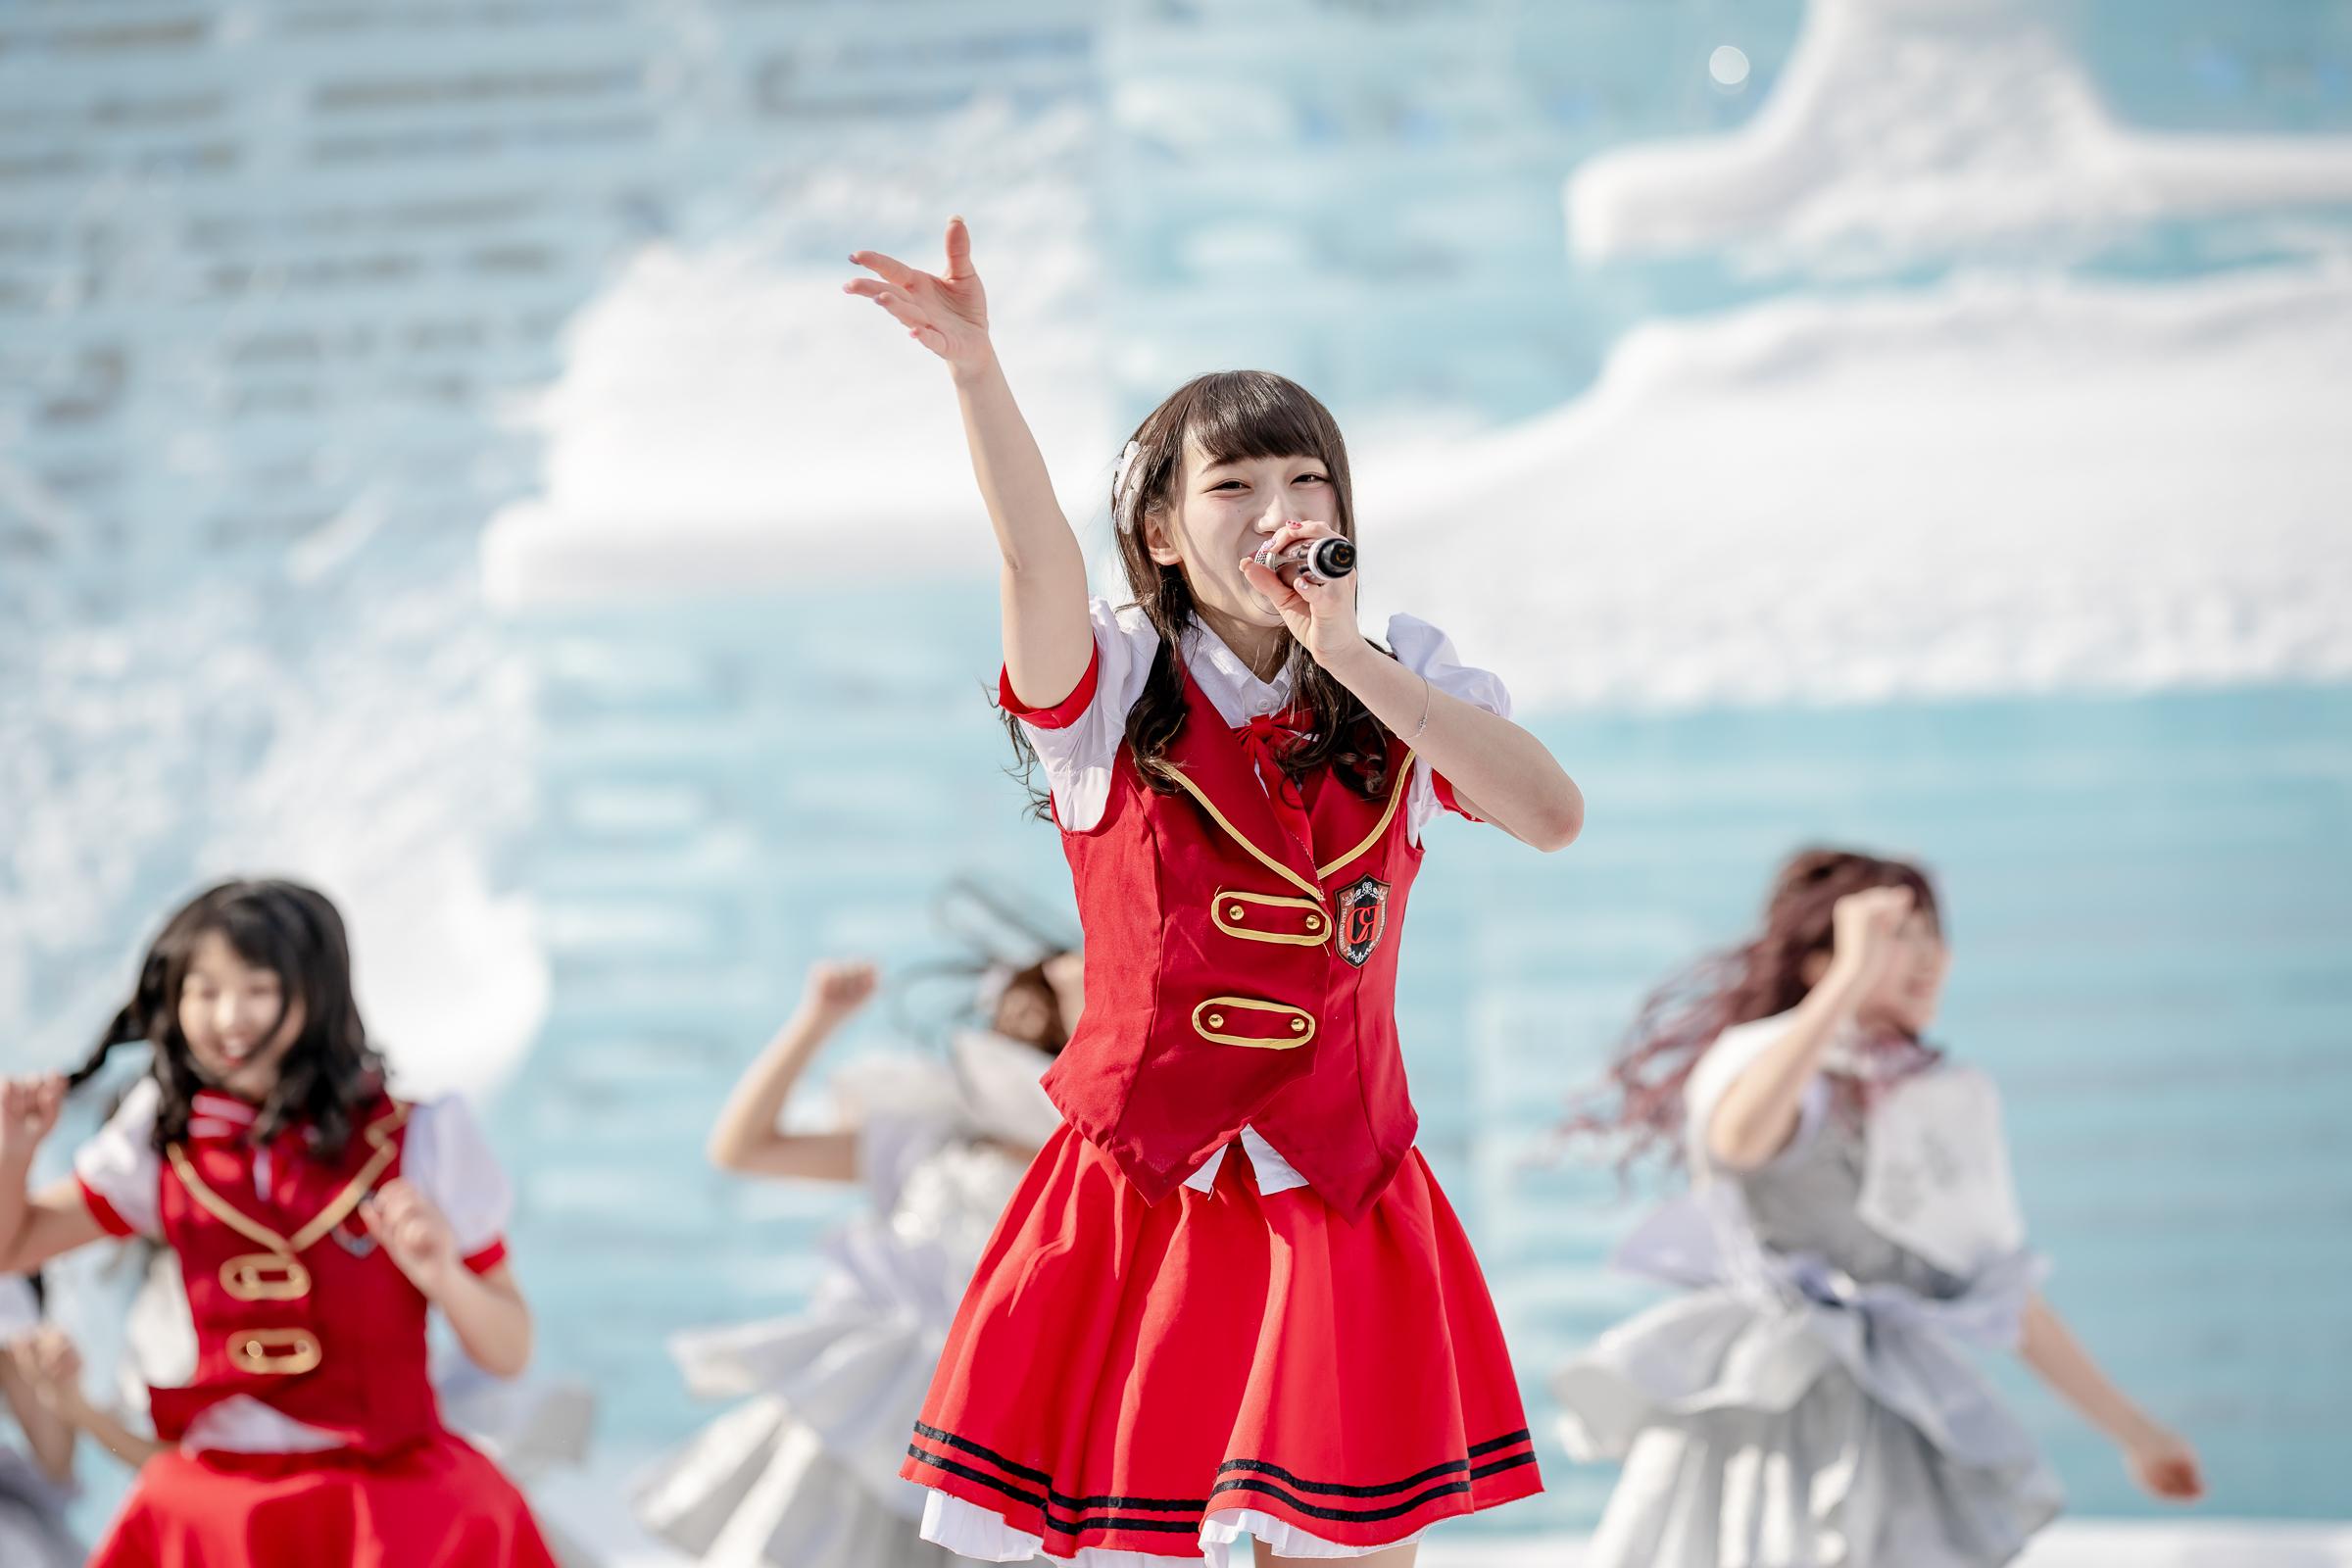 Teamくれれっ娘! しんじゅ ( 信野樹奈 ) | 第70回さっぽろ雪まつり